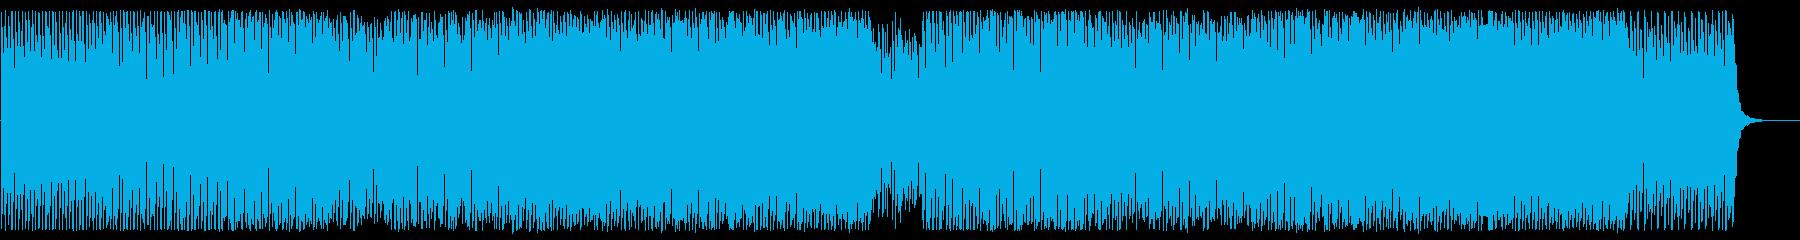 軽快で楽しいアップテンポの曲の再生済みの波形